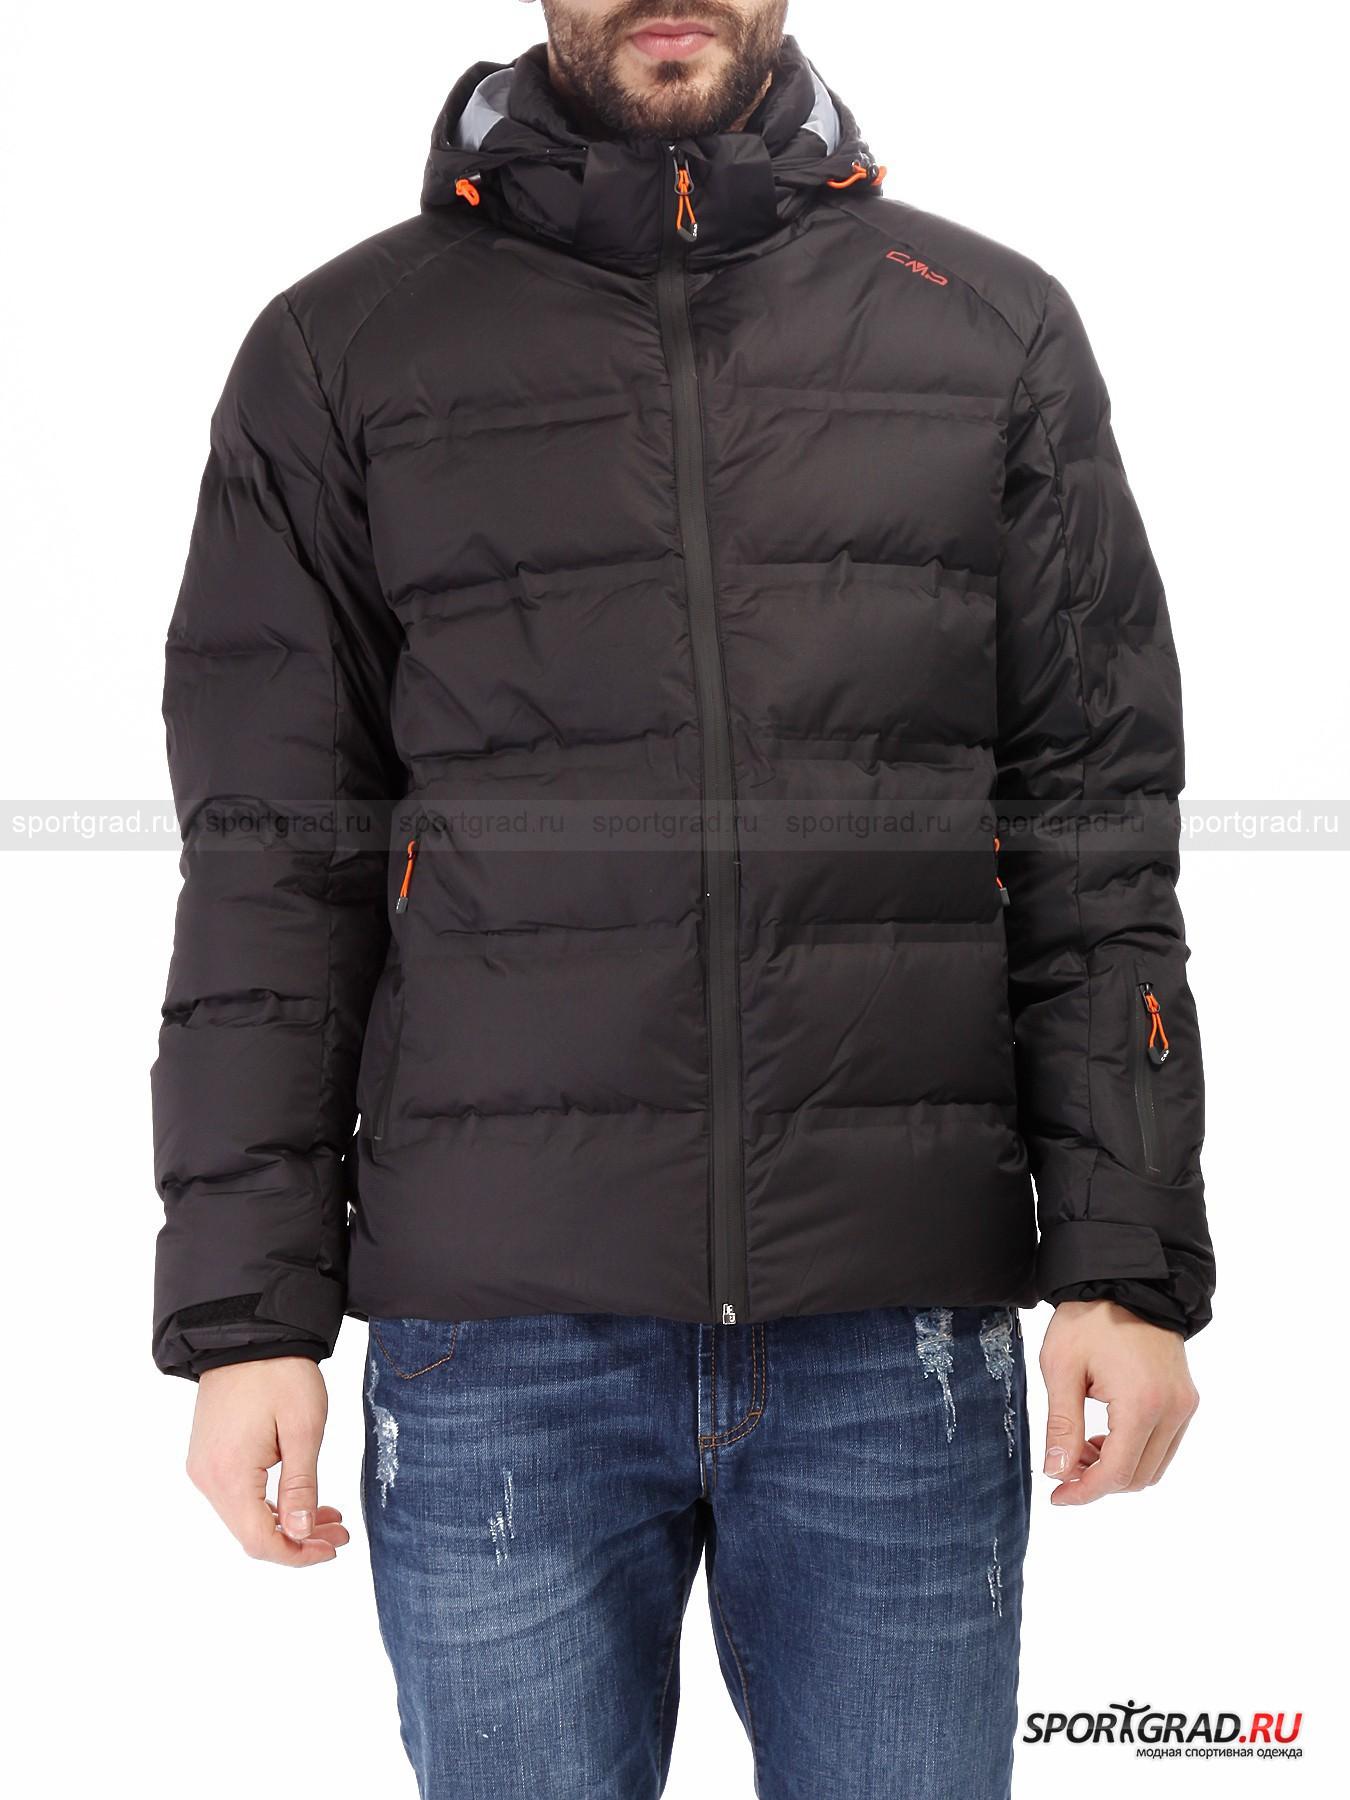 Куртка мужская пуховая Ski Jacket CMPКуртки<br>Мужская куртка Ski Jacket CMP – модель два в одном, сочетающая в себе практичность и технологичность спортивной вещи и классический дизайн, вполне подходящий на каждый день в условиях города. <br><br>Легкая и мягкая куртка наполнена натуральным пухом, который отлично поддерживает постоянную температуру тела благодаря своим изолирующим качествам. Многослойная ткань, изготовленная по уникальной технологии ClimaProtect, гарантирует защиту от неблагоприятных погодных условий, таких как осадки и сильный ветер, при этом сохраняя великолепную воздухопноницаемость. <br><br>Особенности модели:<br>- влагозащита 10000 мм водяного столба;<br>- воздухопроницаемость 5000 г/кв.м/24ч;<br>- большой съемный капюшон с козырьком;<br>- фронтальная молния по всей длине;<br>- два внешних кармана спереди и один на рукаве;<br>- внутри сетчатый накладной карман, еще один на молнии и отверстие для наушников;<br>- «юбка» для защиты от снега;<br>- внутренние эластичные манжеты с отверстиями для больших пальцев;<br>- утяжка по низу куртки;<br>- объем манжет регулируется липучками;<br>- воротник-стойка, изнутри выложенный флисом.<br><br>Пол: Мужской<br>Возраст: Взрослый<br>Тип: Куртки<br>Рекомендации по уходу: деликатная стирка в теплой воде до 30 С; не отбеливать; не гладить; влажная чистка; можно сушить в стиральной машине<br>Состав: материал верха 100% полиэстер; подкладка 100% полиамид; наполнитель 90% пух, 10% перо